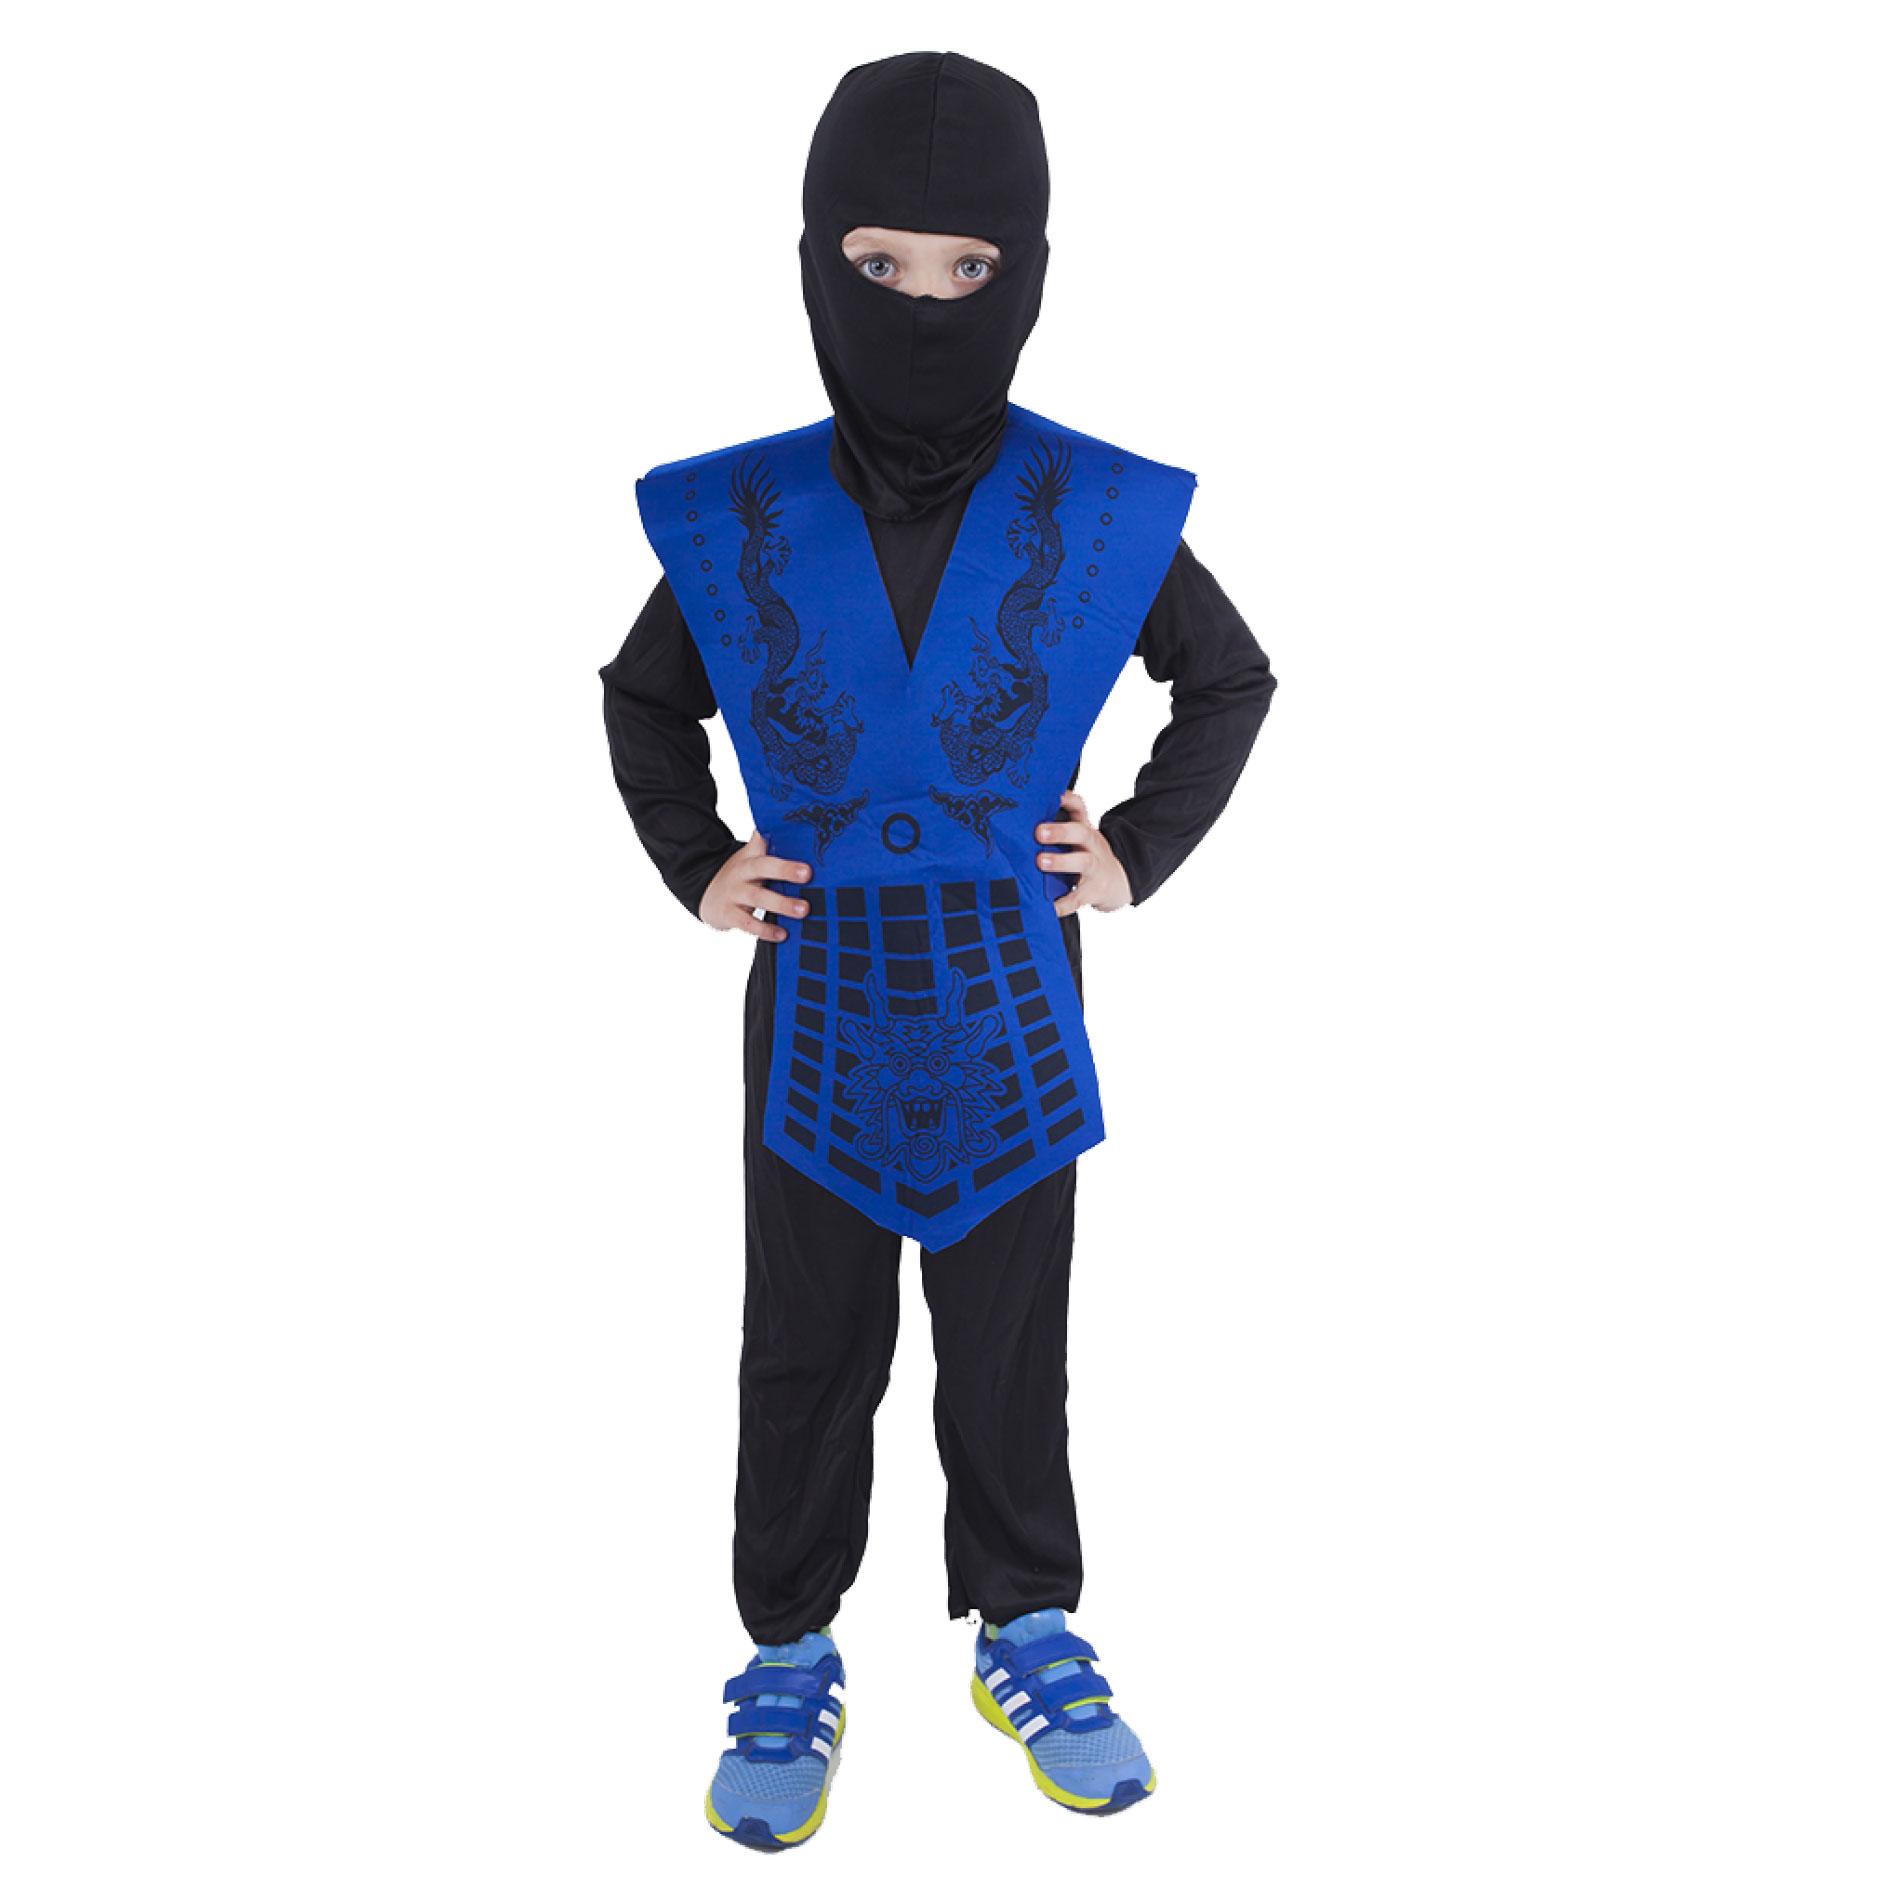 Dětský kostým modrý ninja (S)